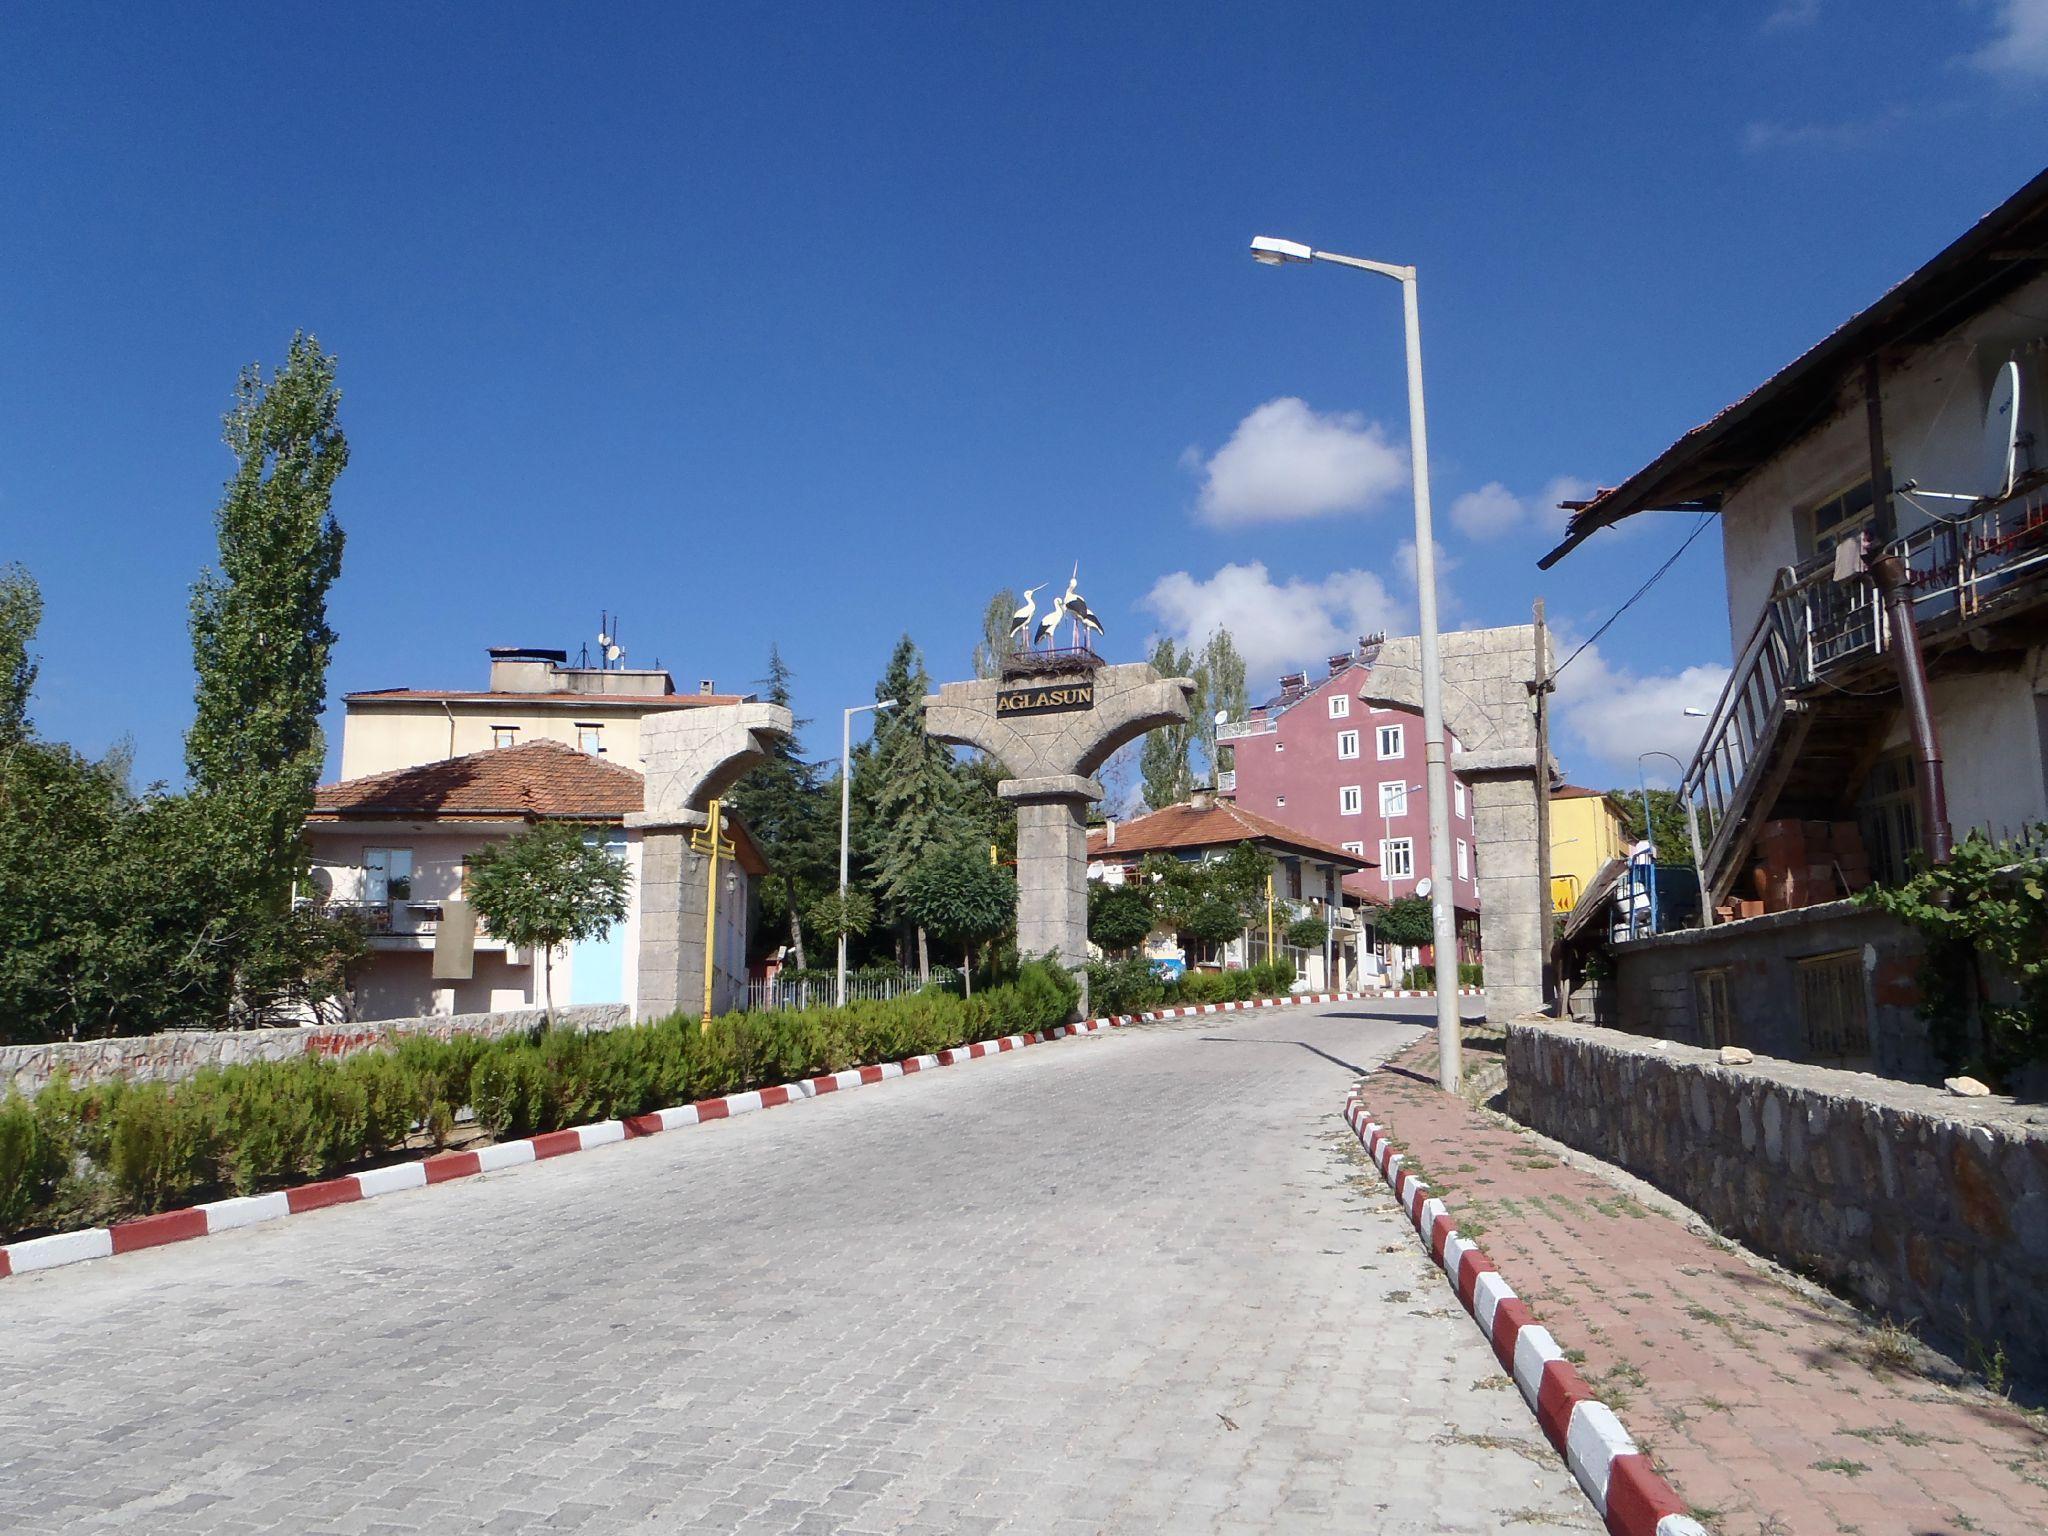 turquie entrée du village montant à sagalassos